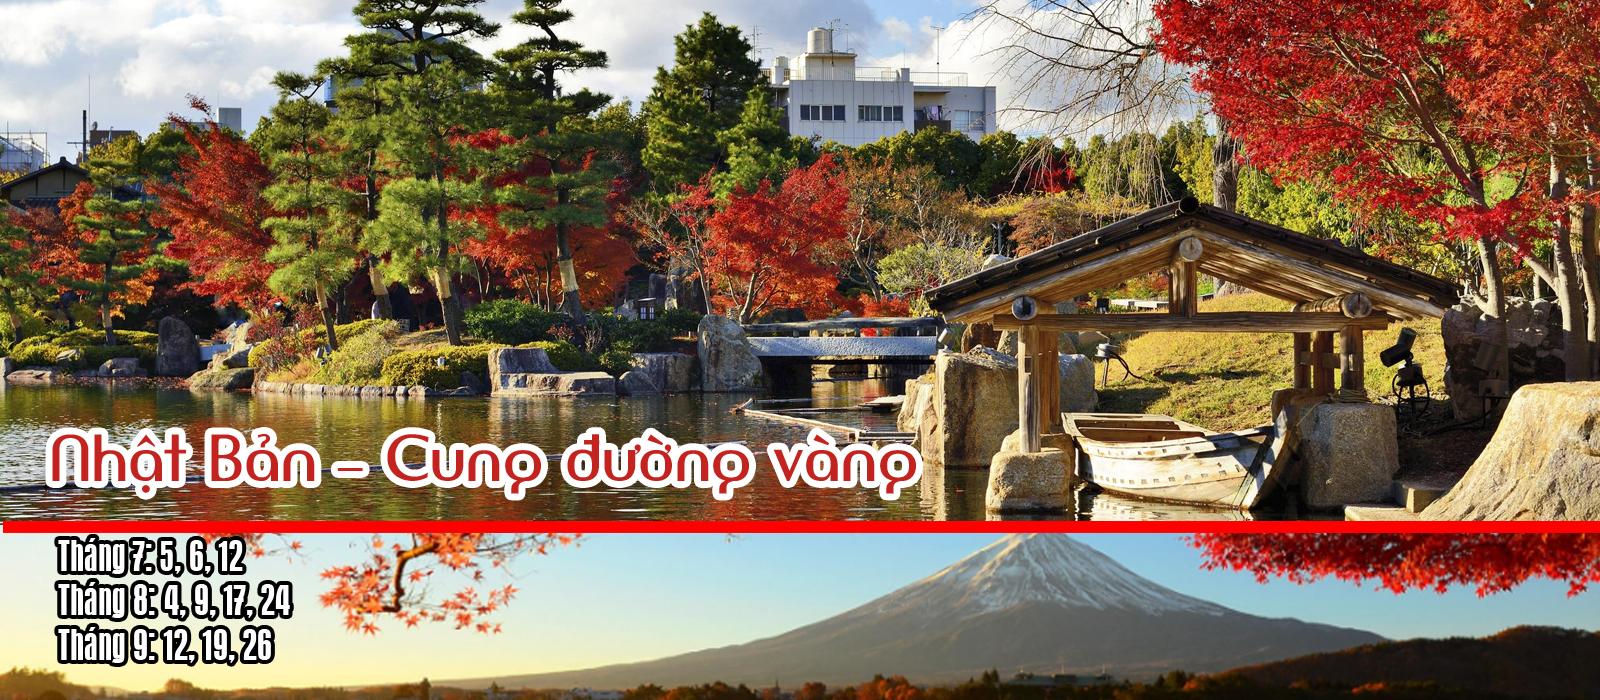 Nhật cung đường vàng